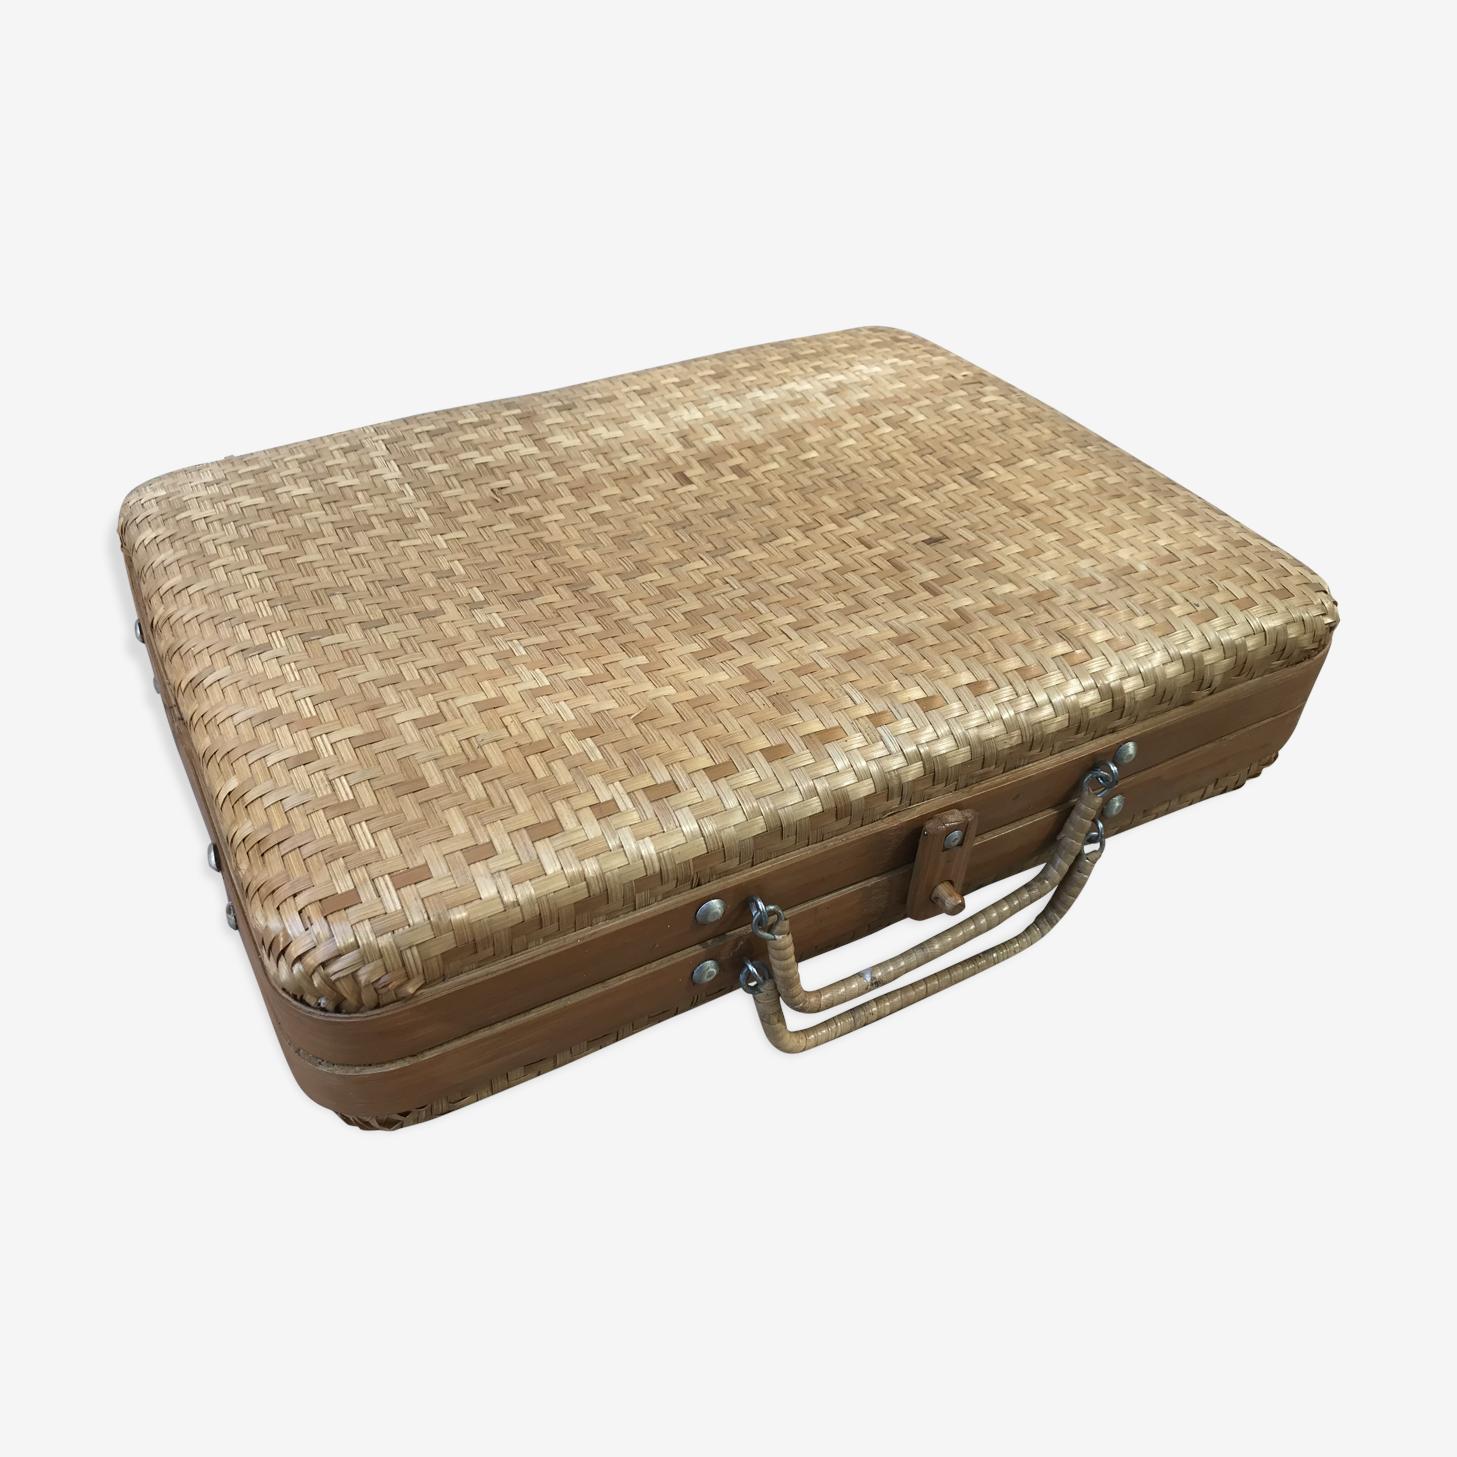 Ancien panier pique-nique rotin beige tressé années 60 vintage